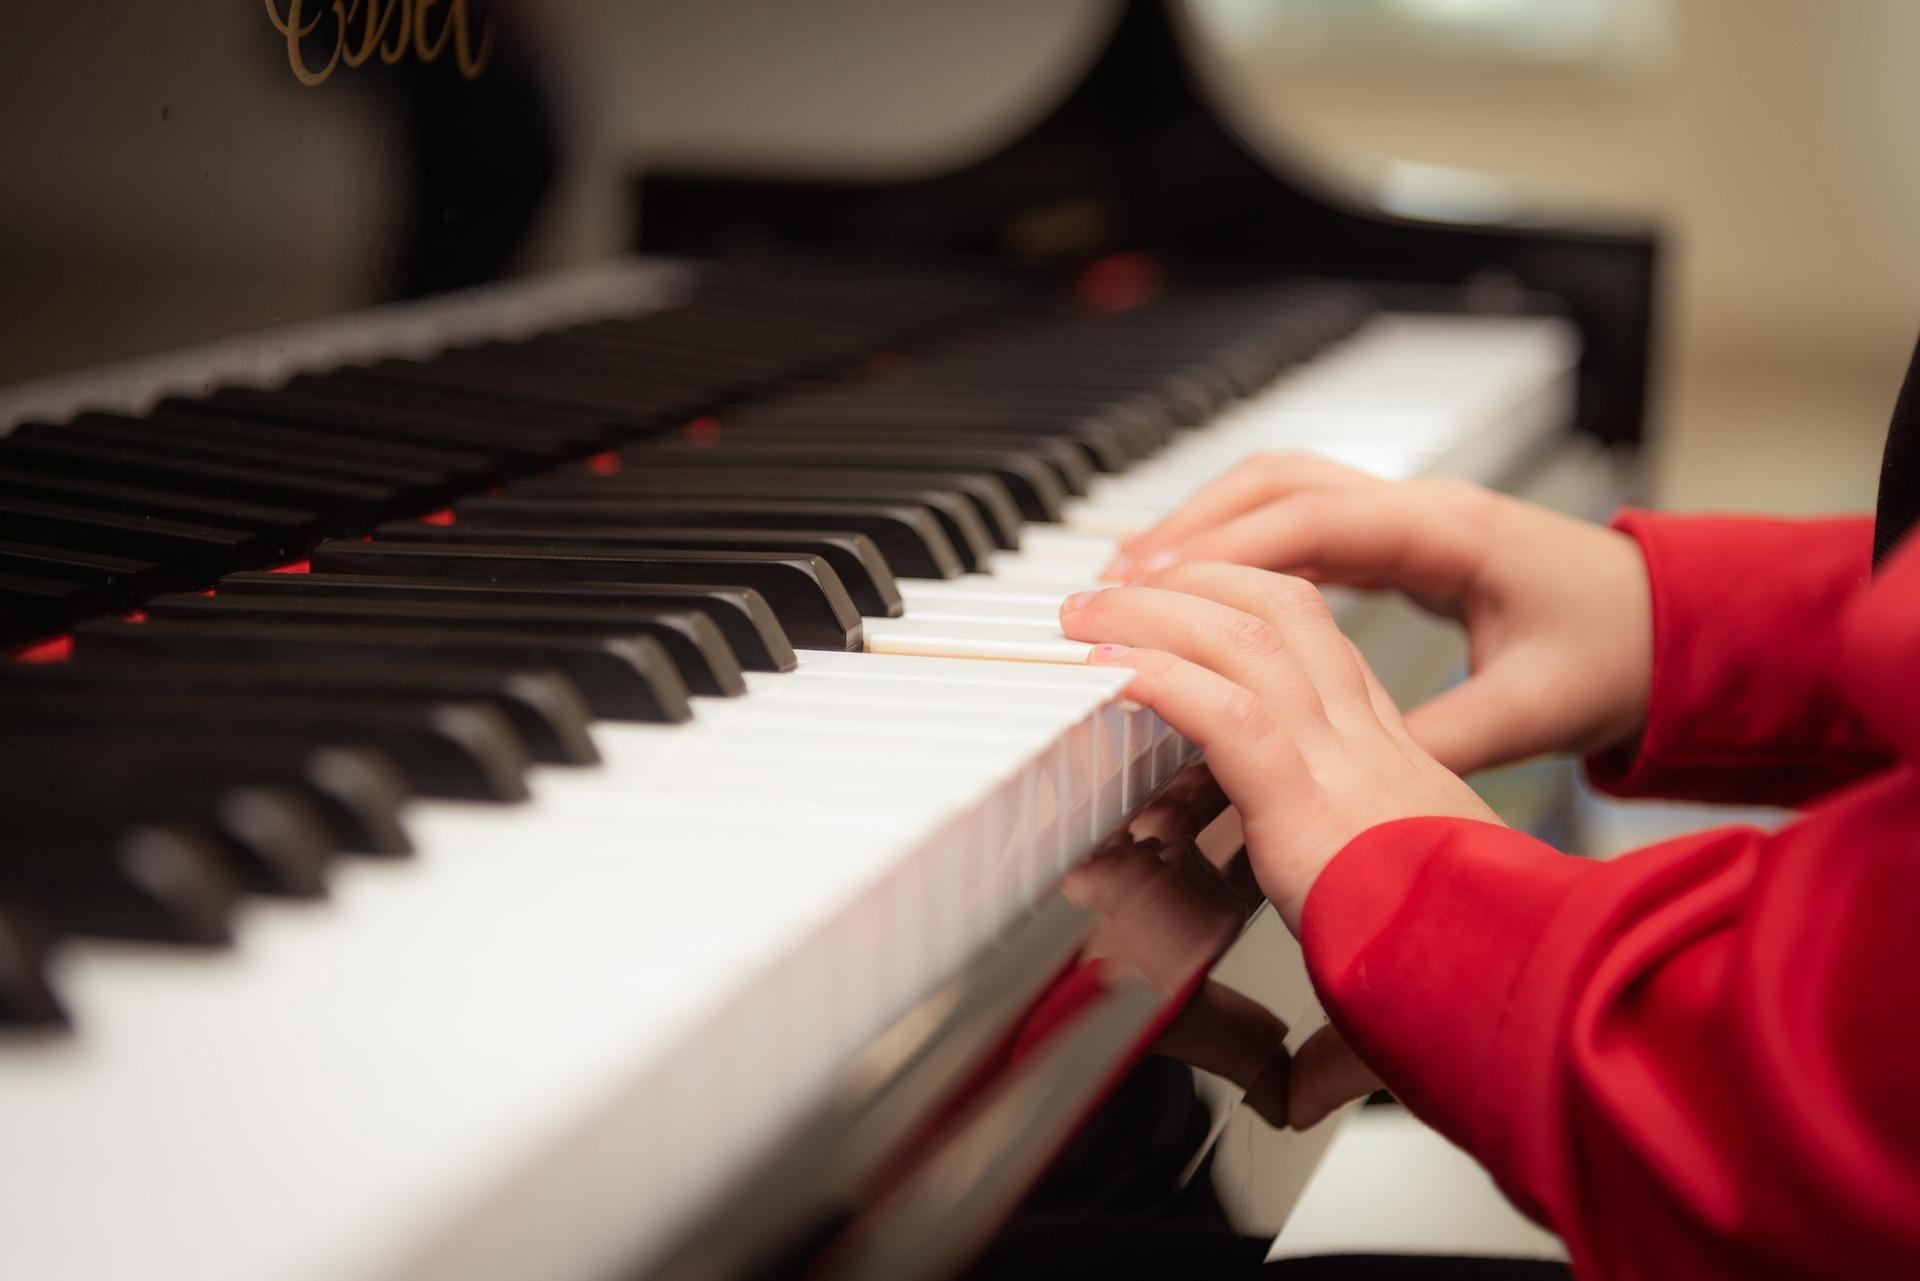 piano-3957650_1920.jpg